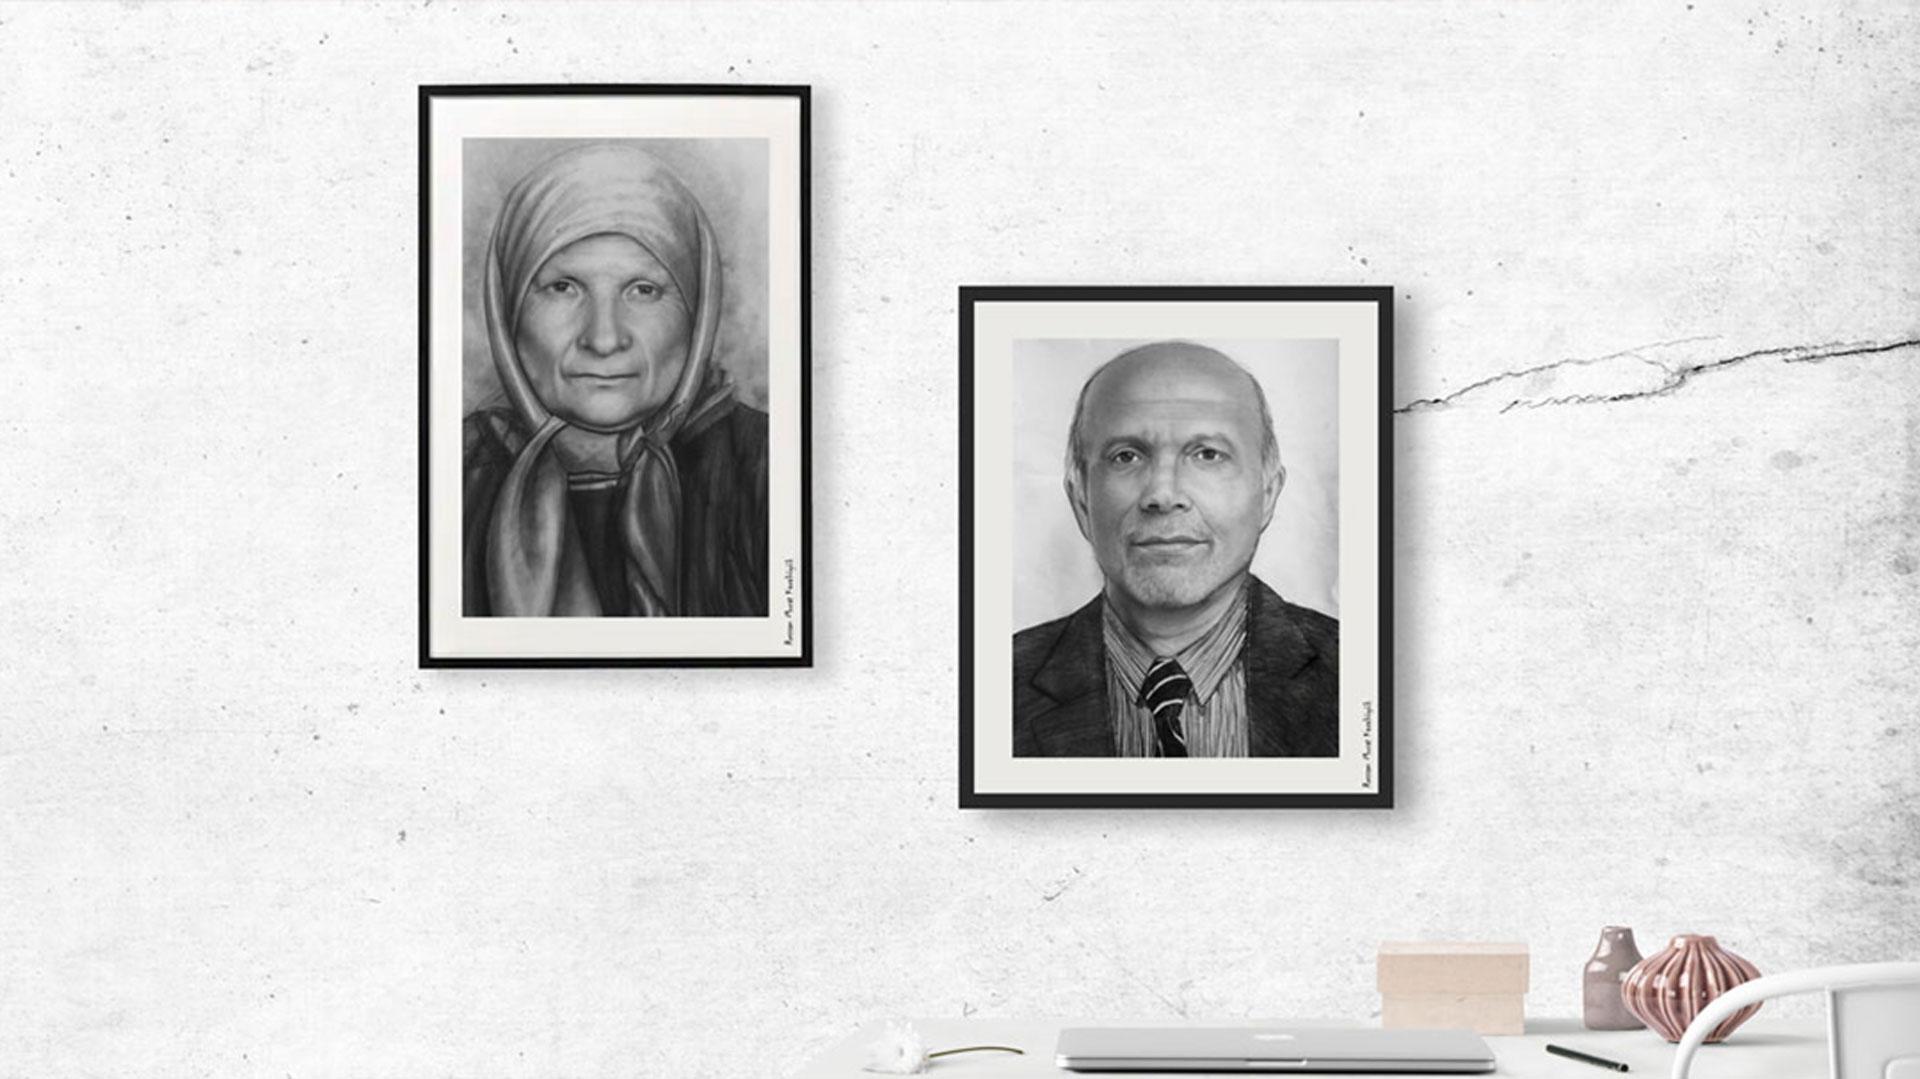 Karakalem Portre Hediye İçin Ne Kadar Uygun